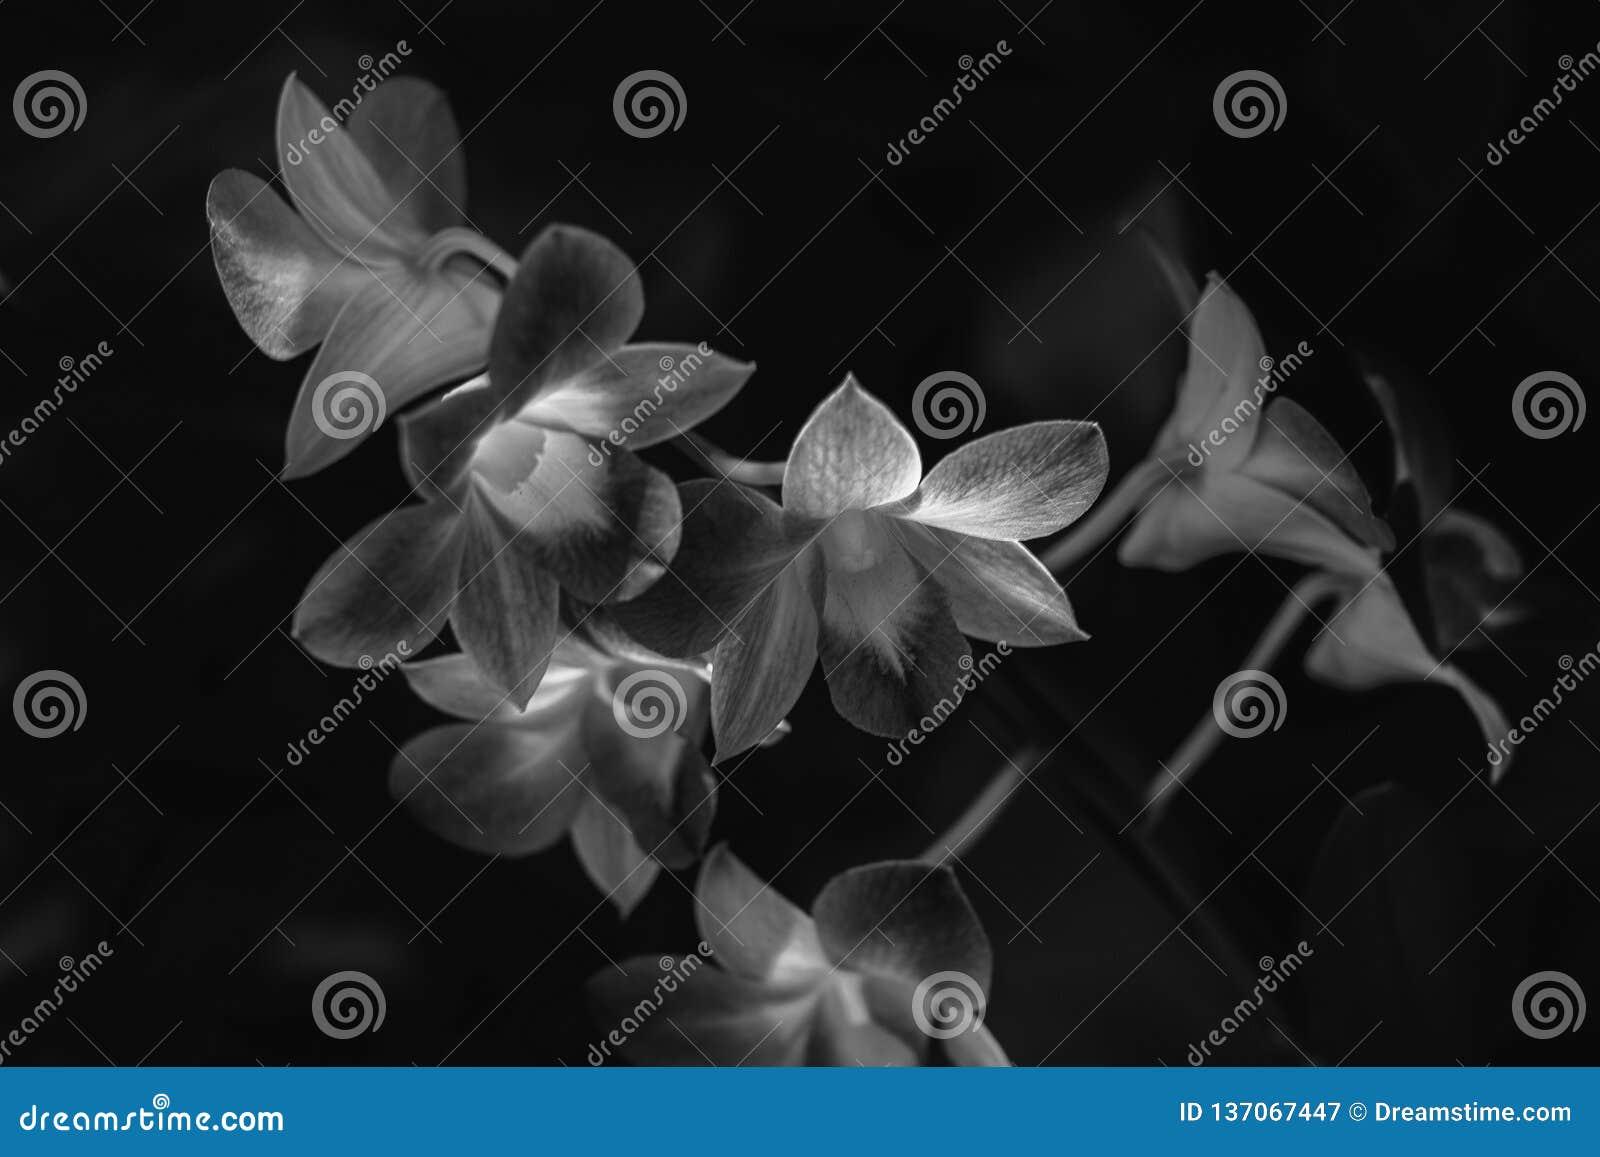 Un fiore che fioriture in mezzo delle ombre: un individuazione malinconica